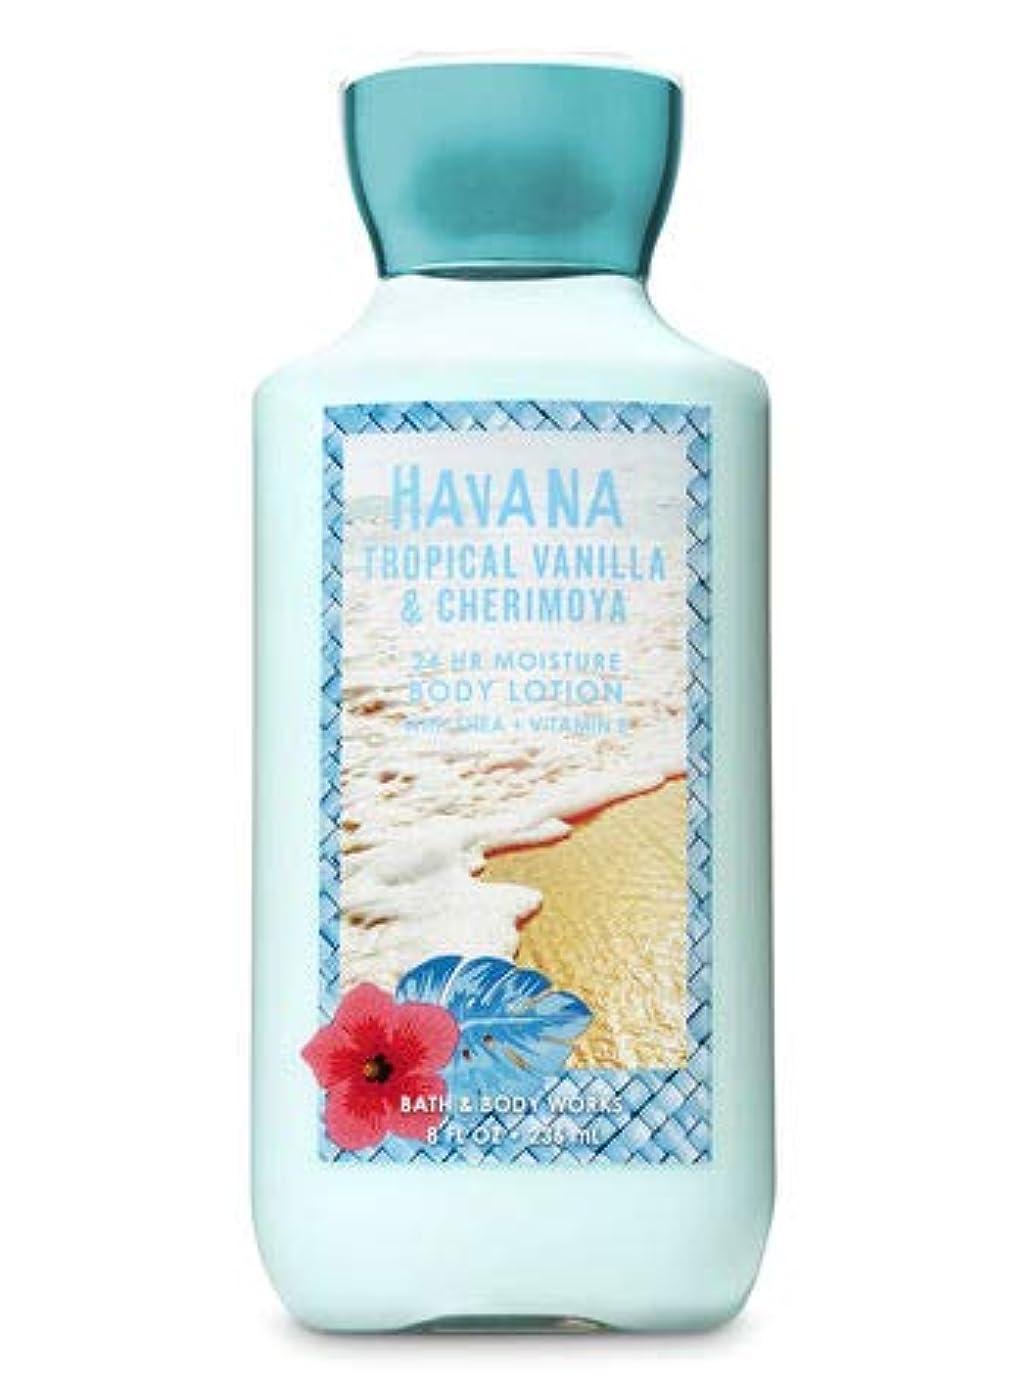 時間サミットギャザー【Bath&Body Works/バス&ボディワークス】 ボディローション ハバナ トロピカルバニラ&チェリモヤ Super Smooth Body Lotion Havana Tropical Vanilla & Cherimoya 8 fl oz / 236 mL [並行輸入品]